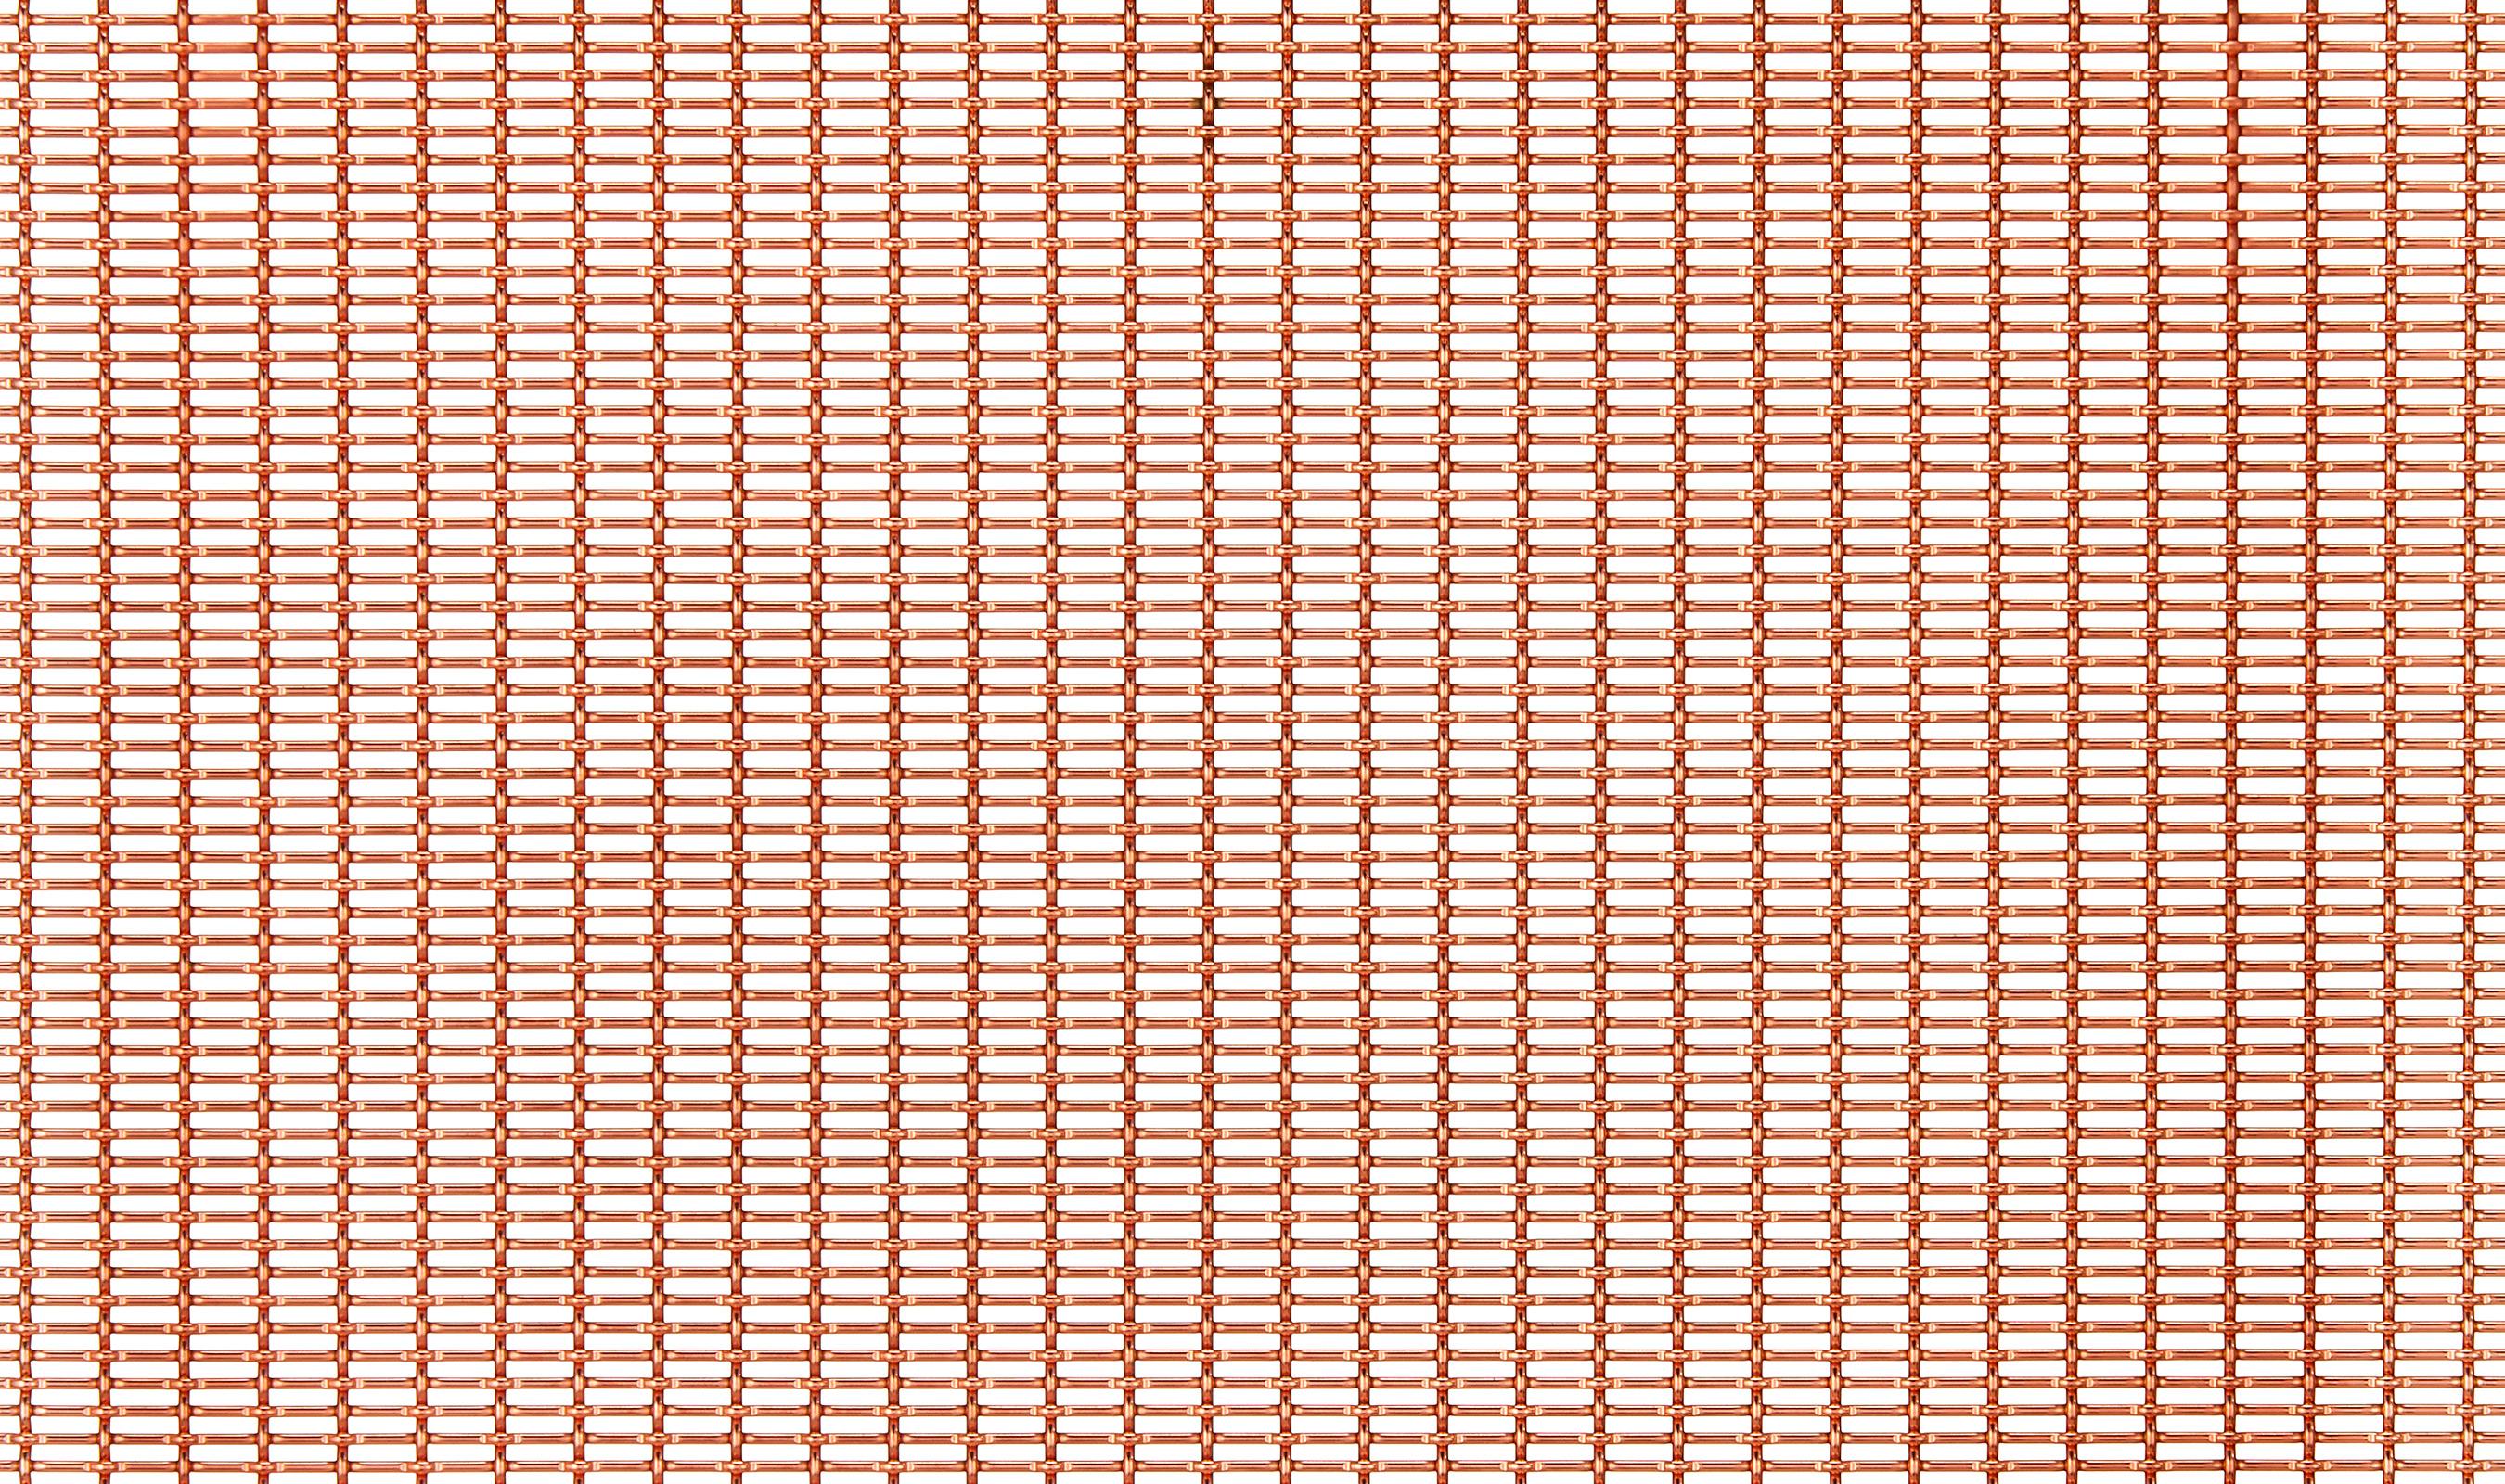 LPZ-71 Bright Copper Plated decorative woven wire mesh